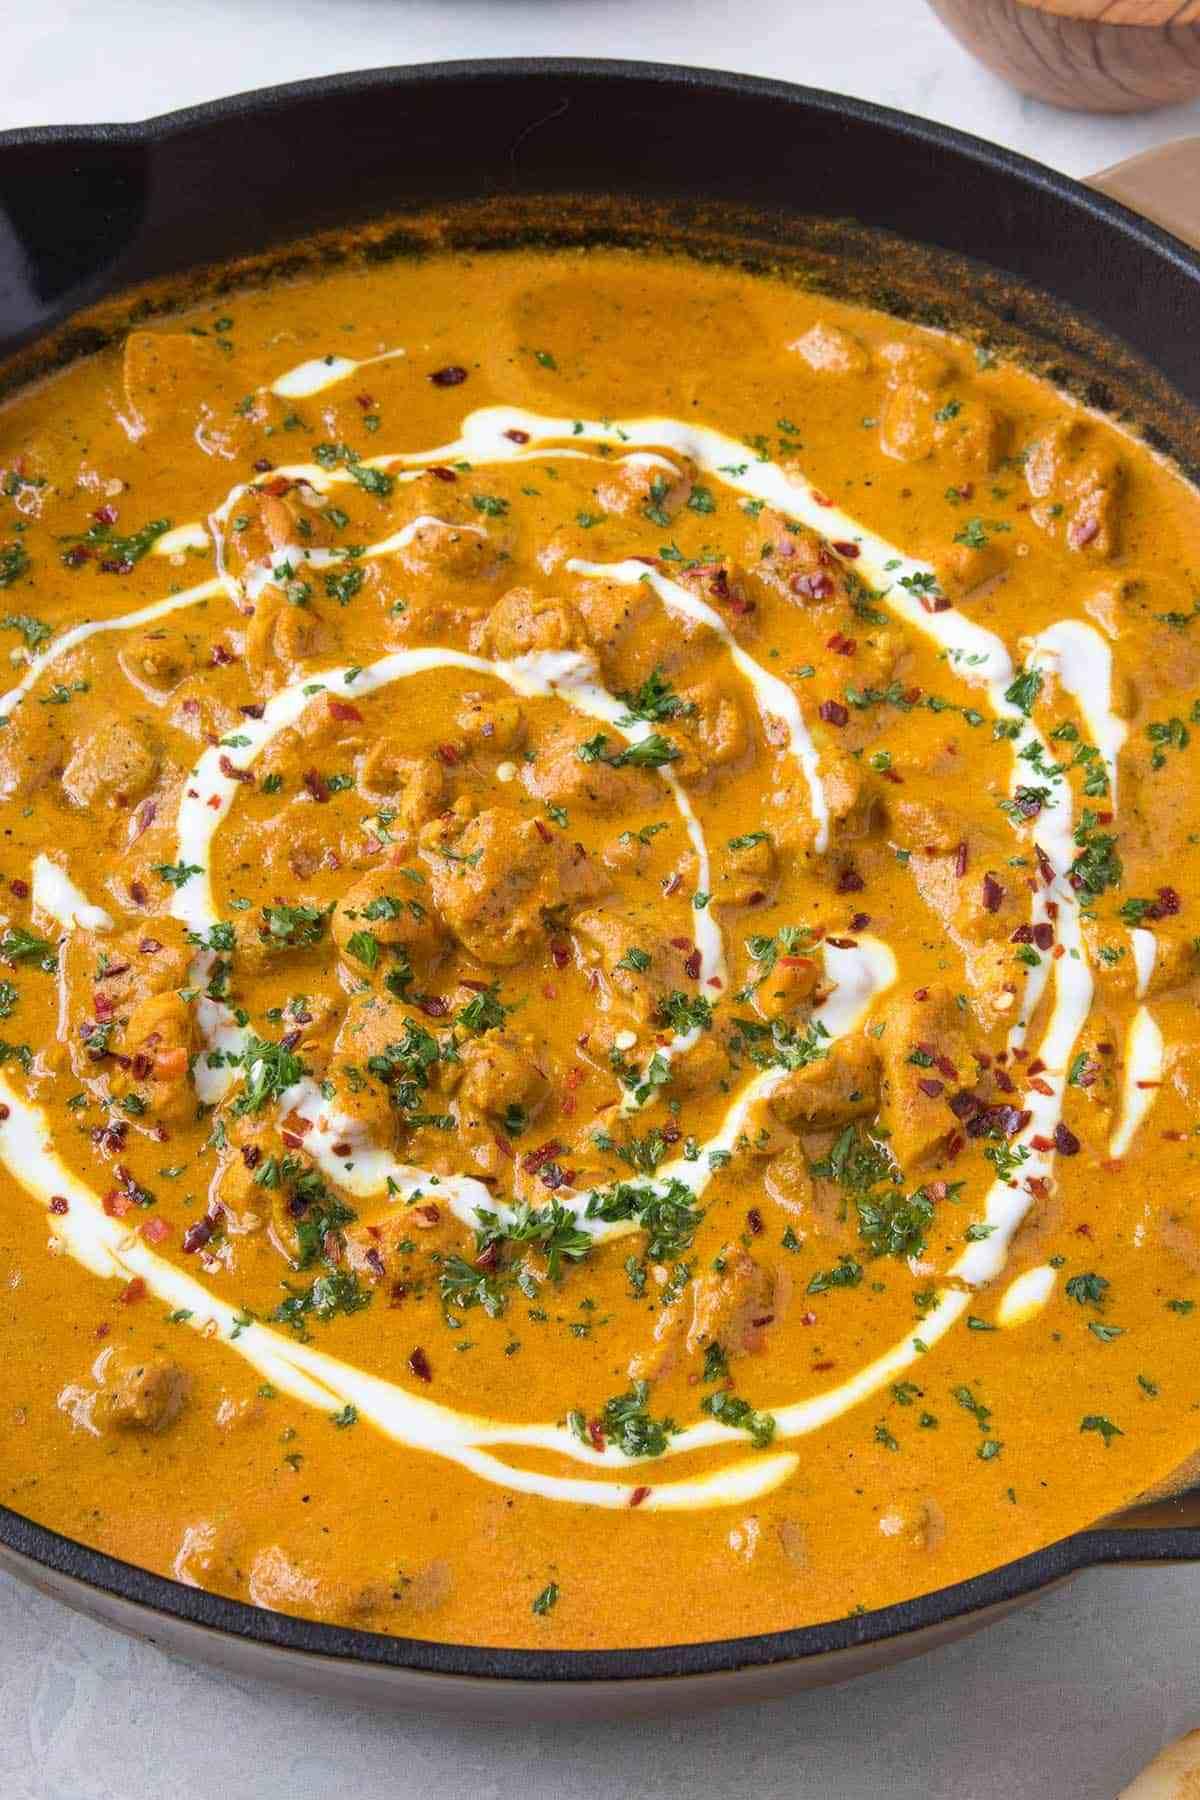 LunchEAZE butter chicken recipe